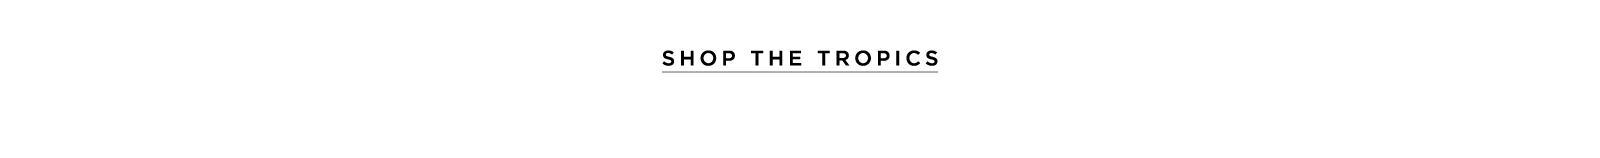 Shop the Tropics